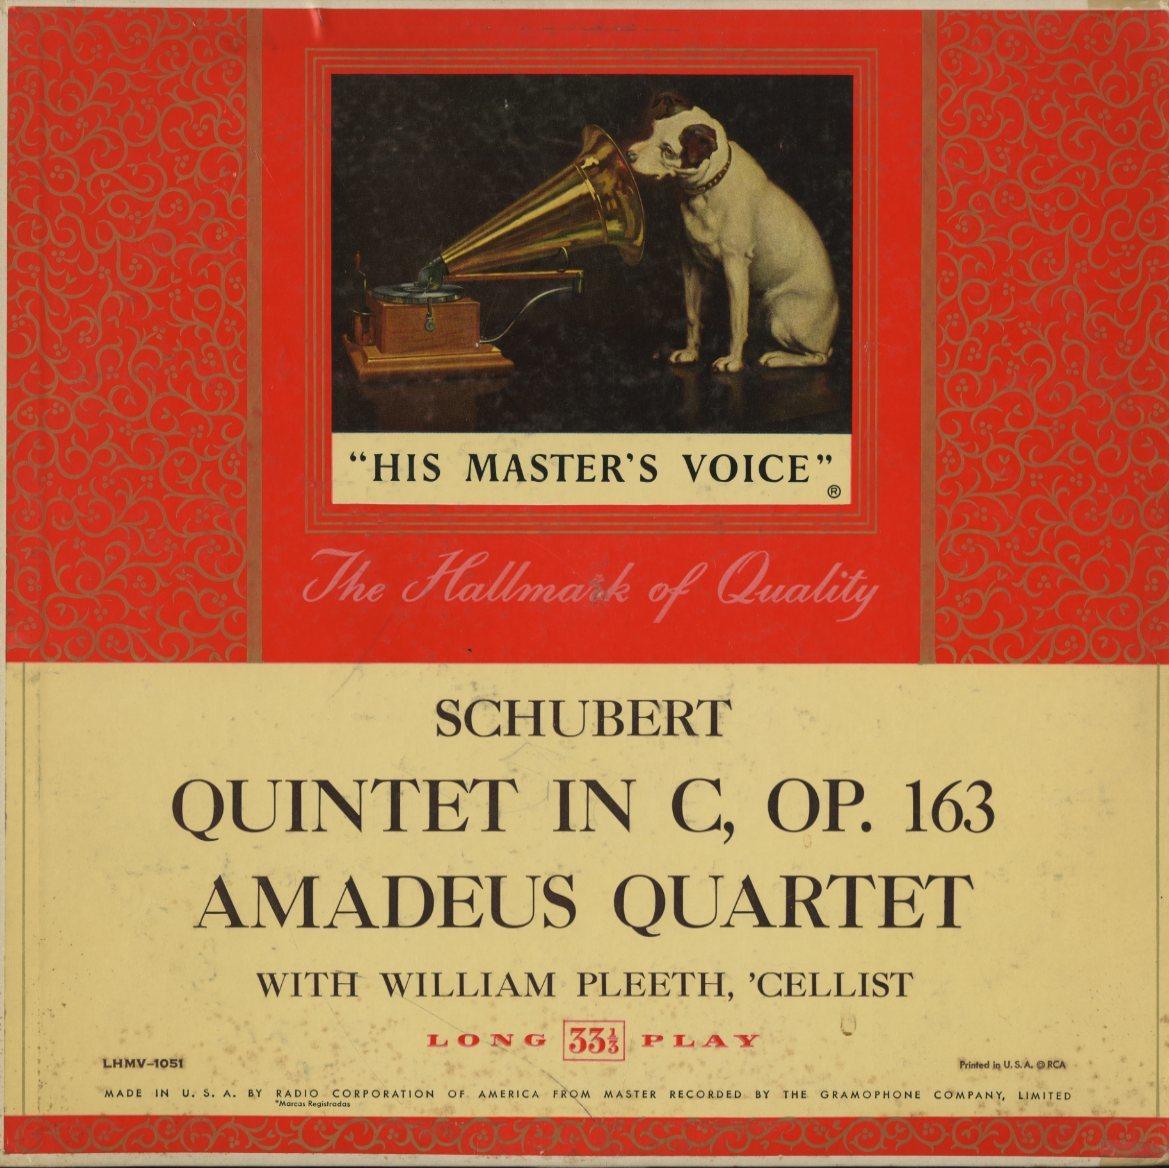 米 RCA Bluebird イダ・ヘンデル クーベリック ベートーヴェン バルビローリ ヤン・スメテルリン ブラームス アマデウス弦楽四重奏団 4LP_画像7